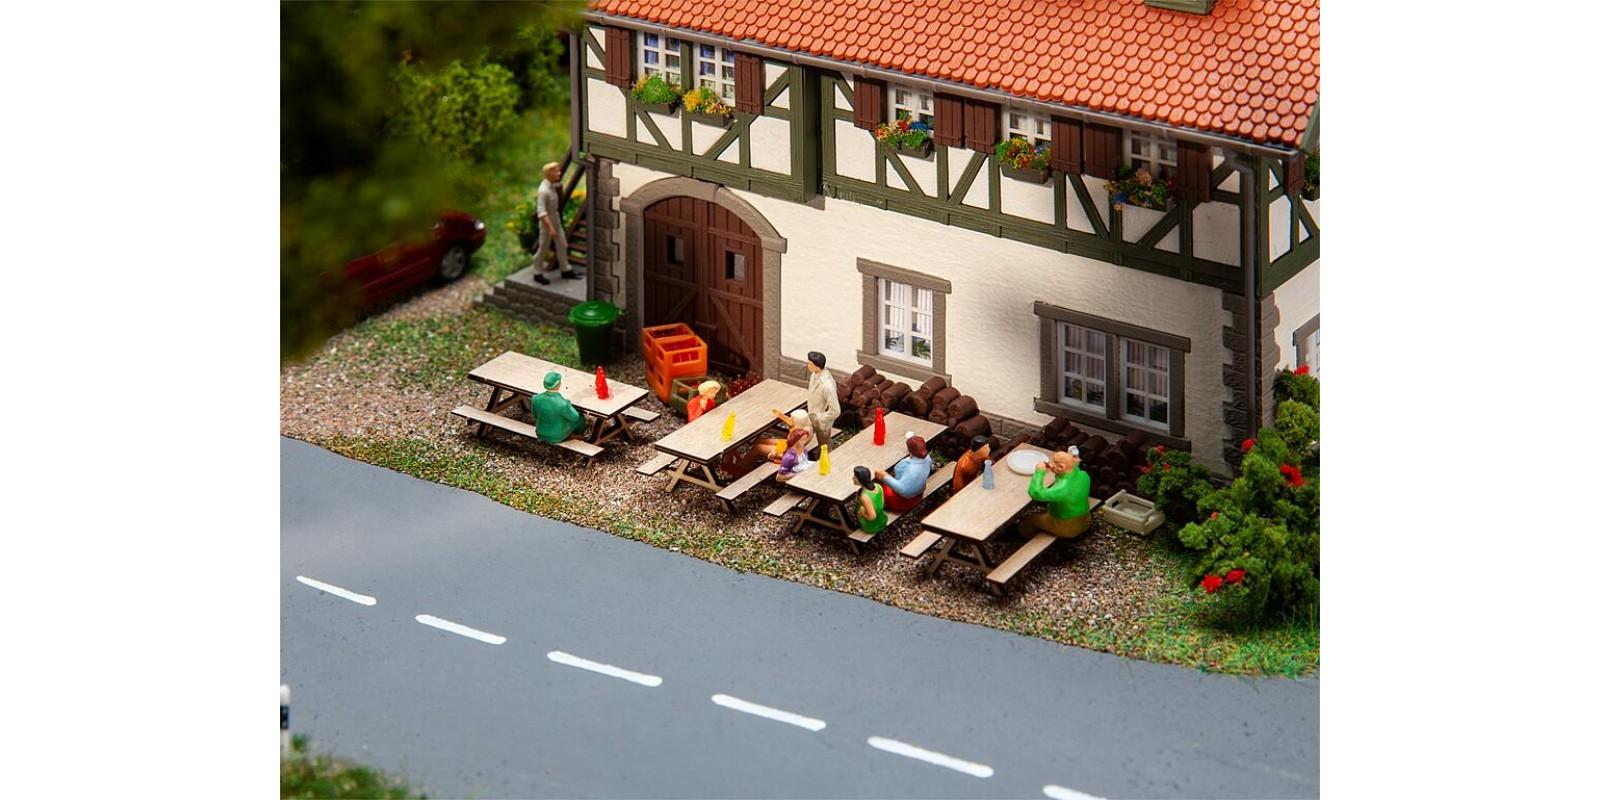 FA180304 4 Picnic benches